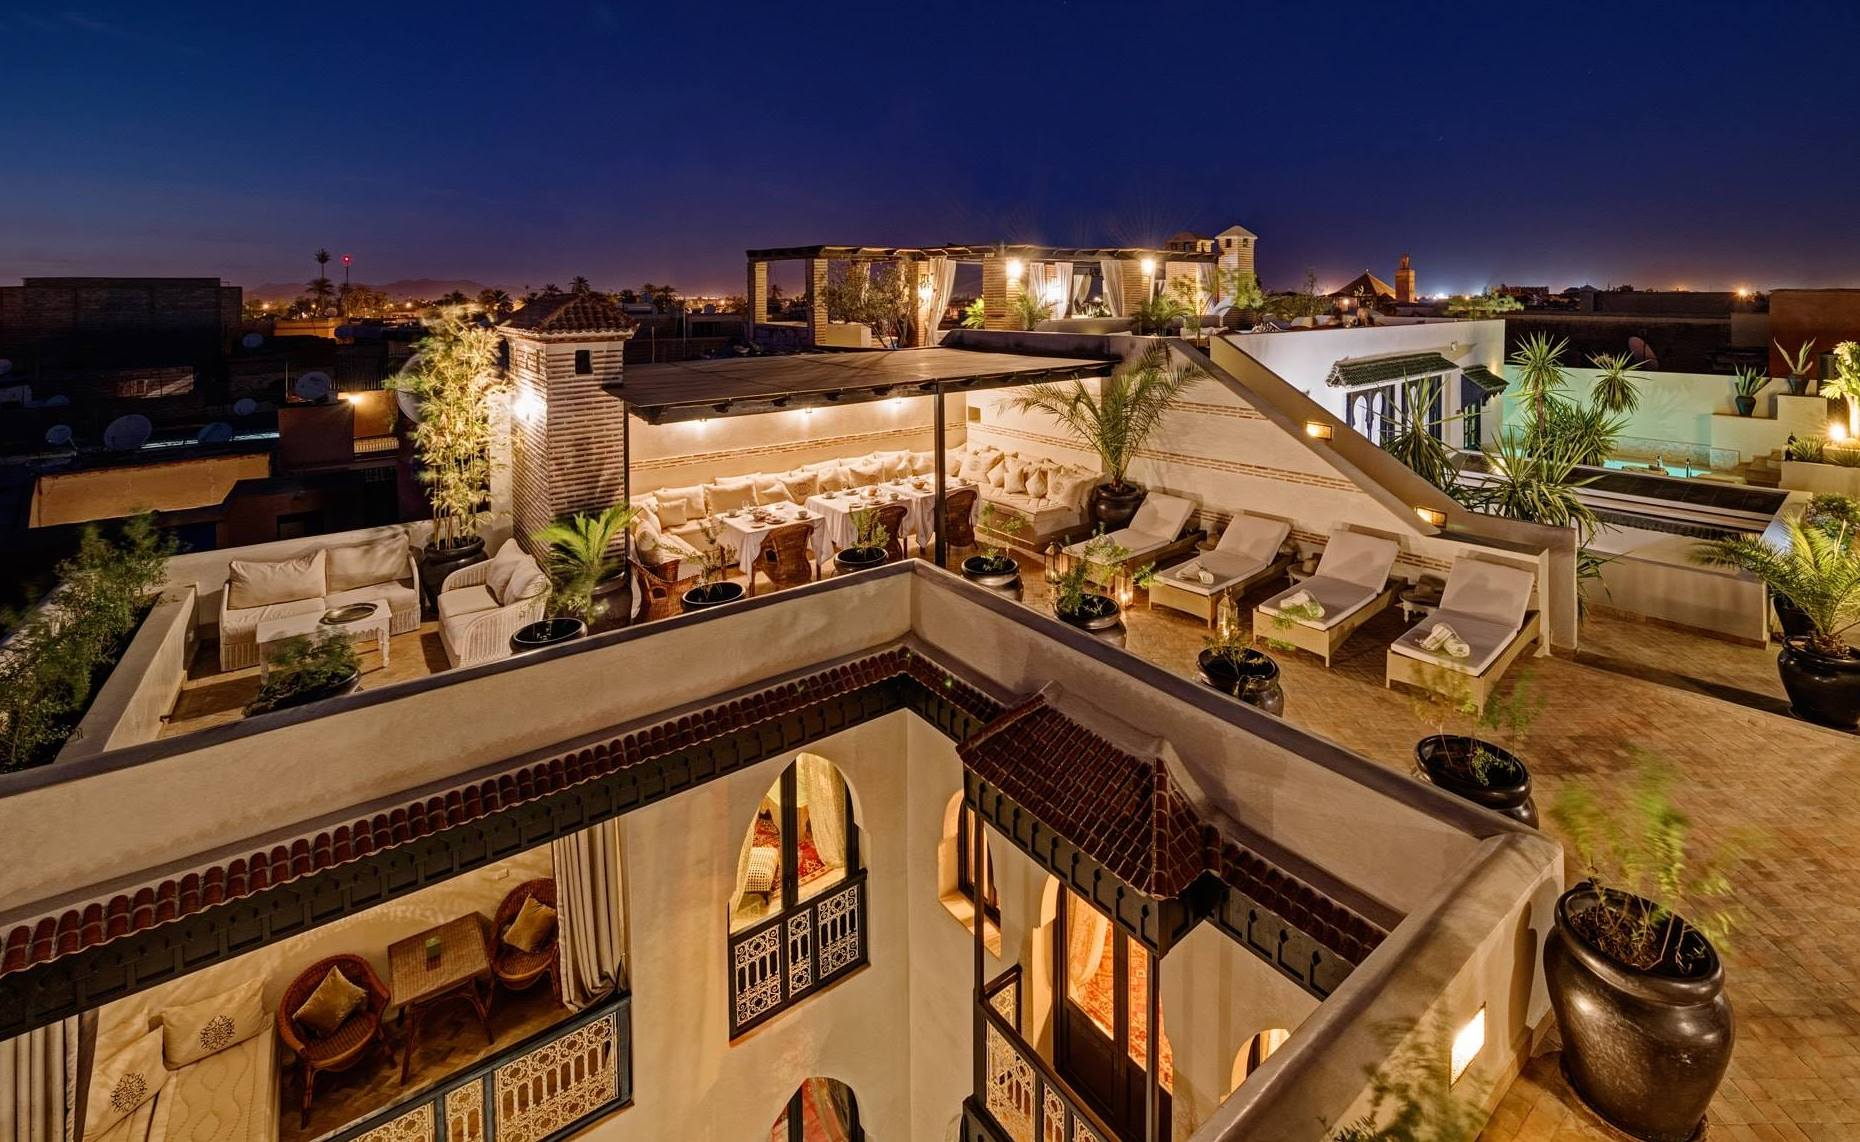 hoteles de lujo TripAdvisor